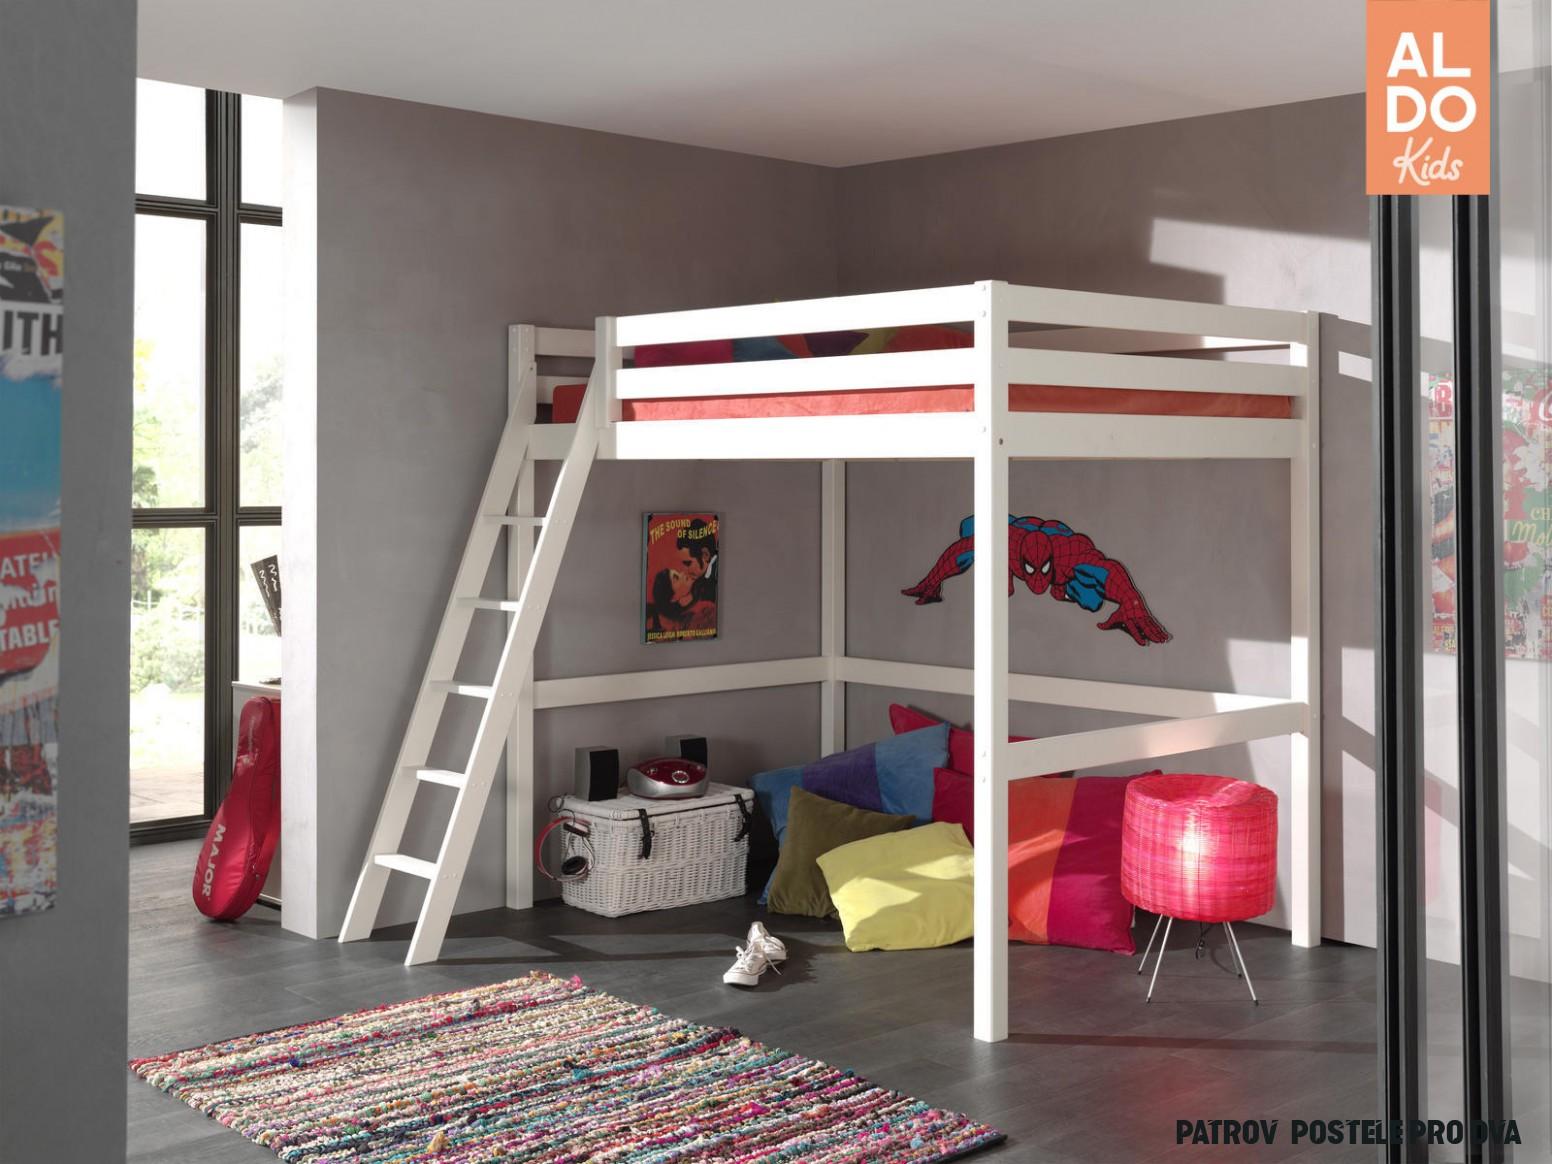 Patrová postel pro studenta Mezanine - 14x14 cm